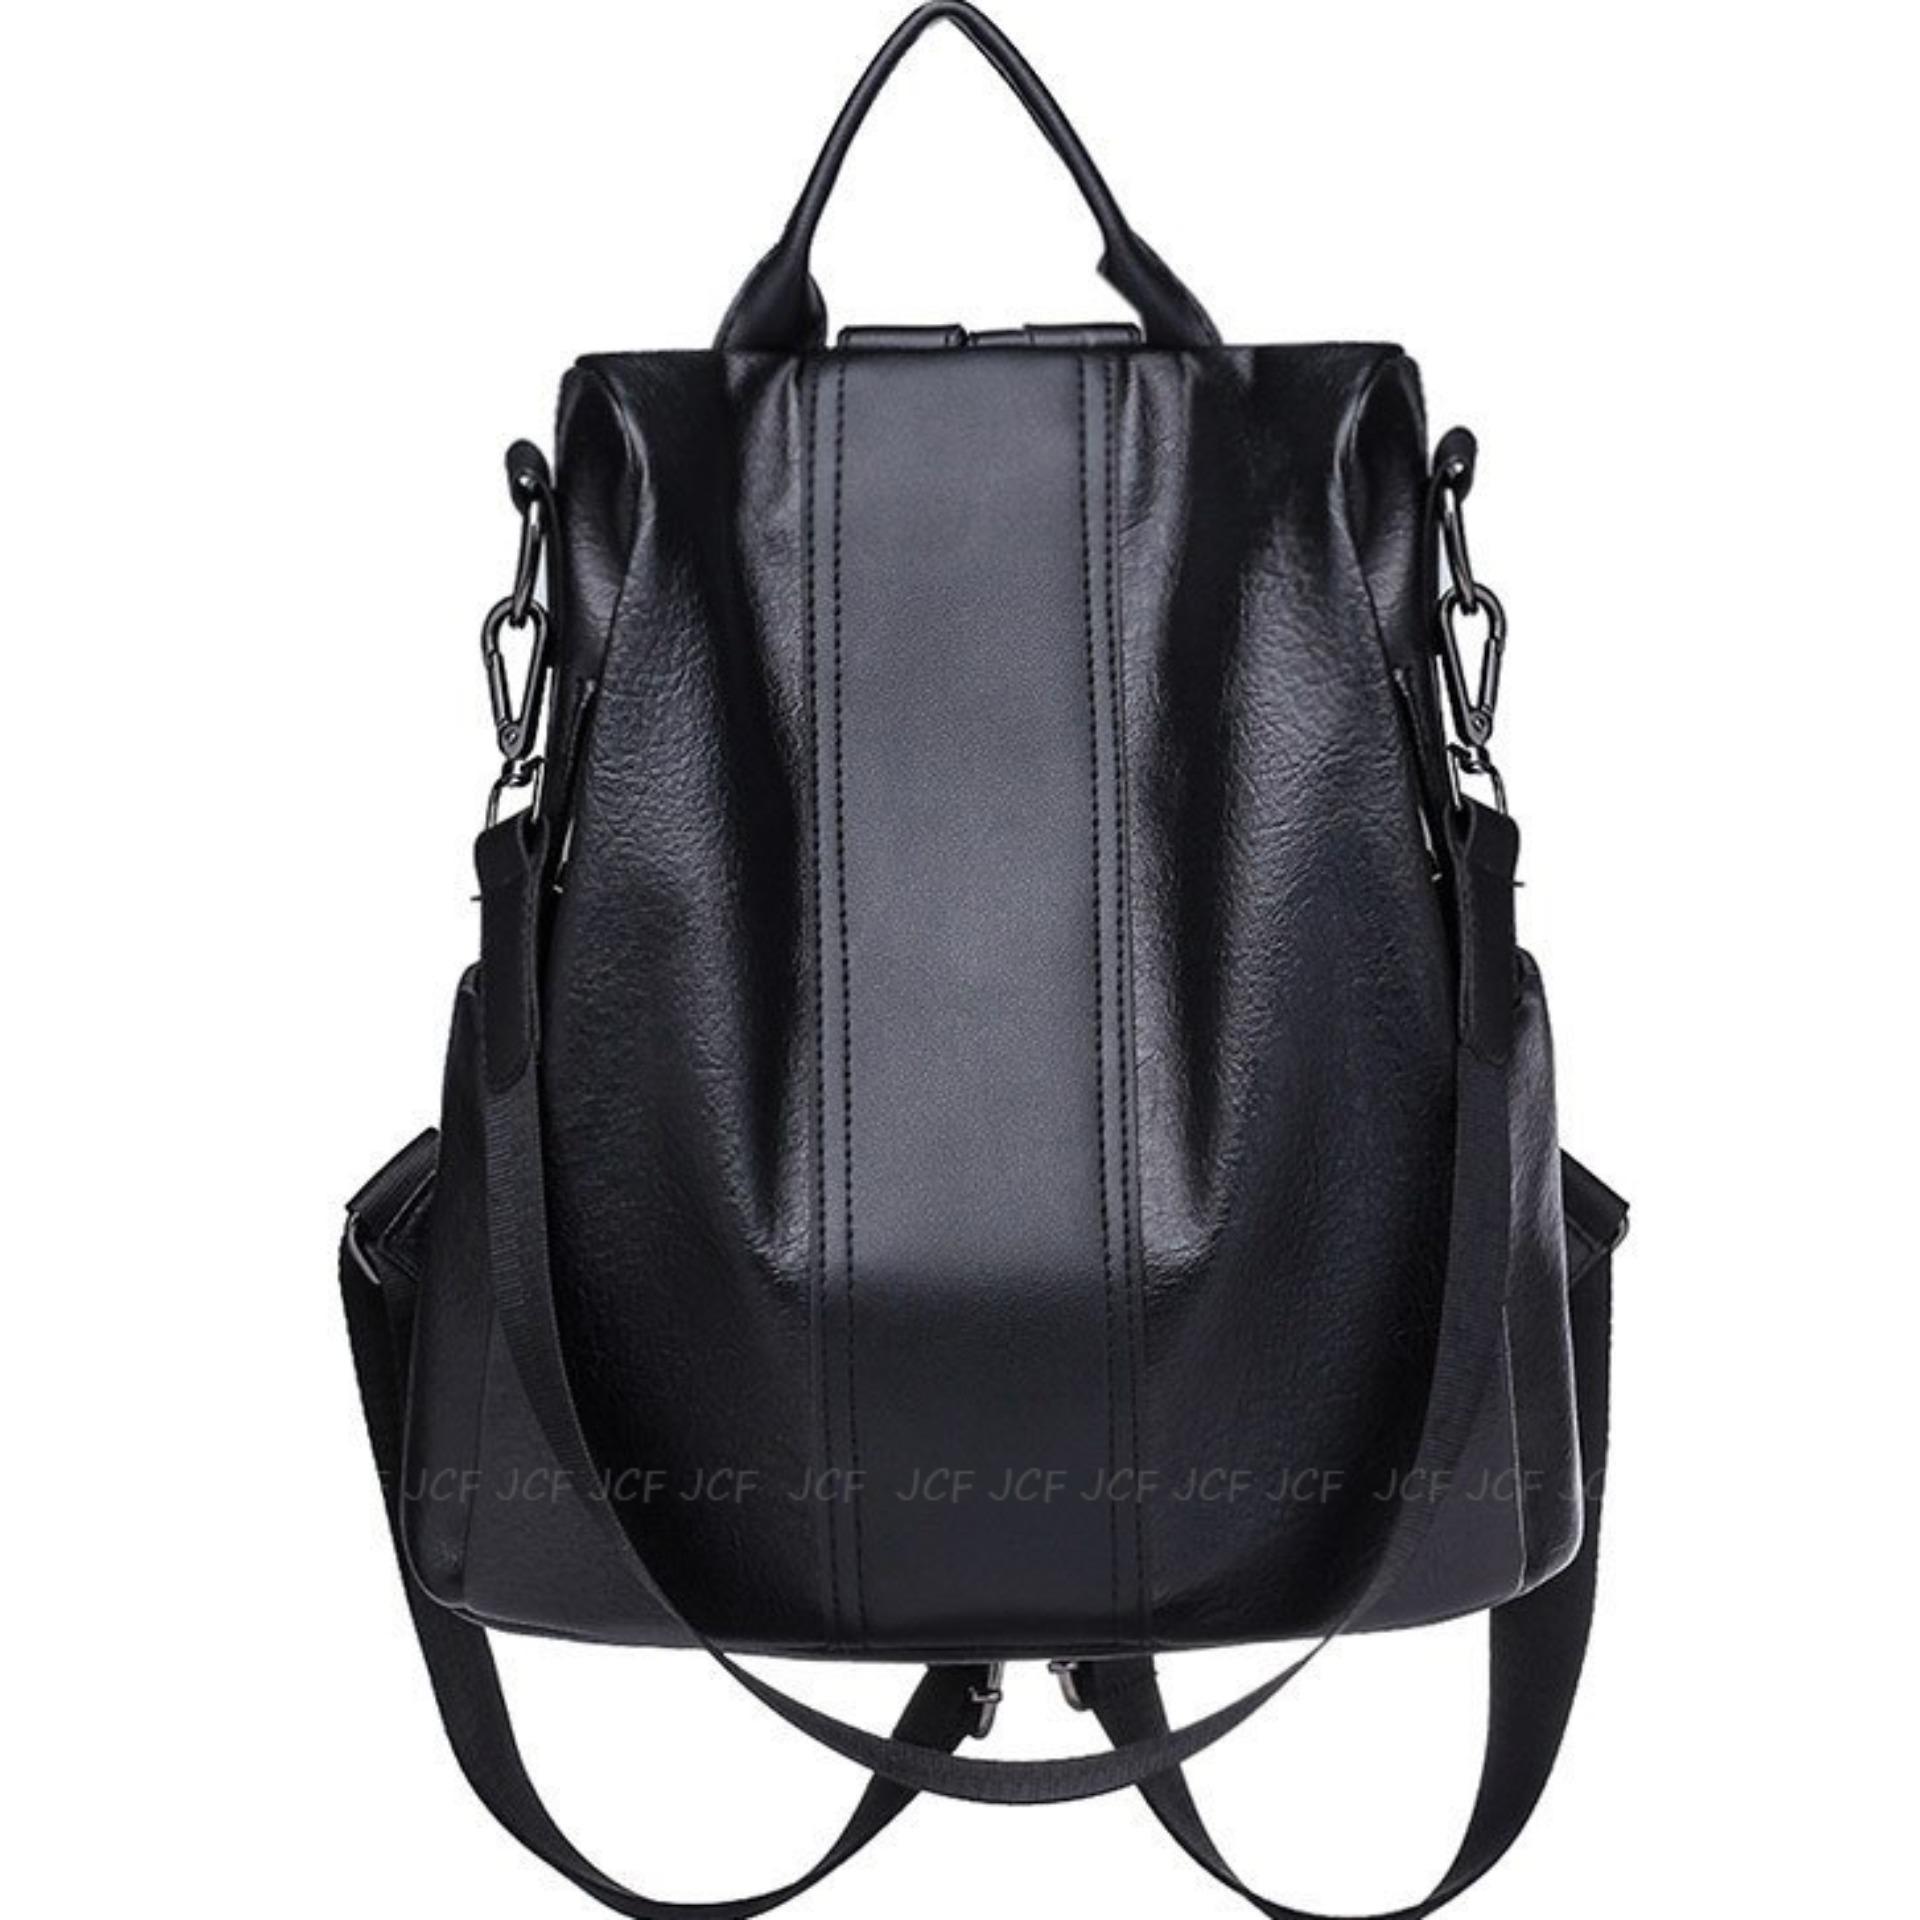 JCF Tas Import Ransel Slempang Sling Tebal Bahan Kulit Sintesis Multifungsi  3in1 Fashion Korean Style Bagus 6c13a1b004